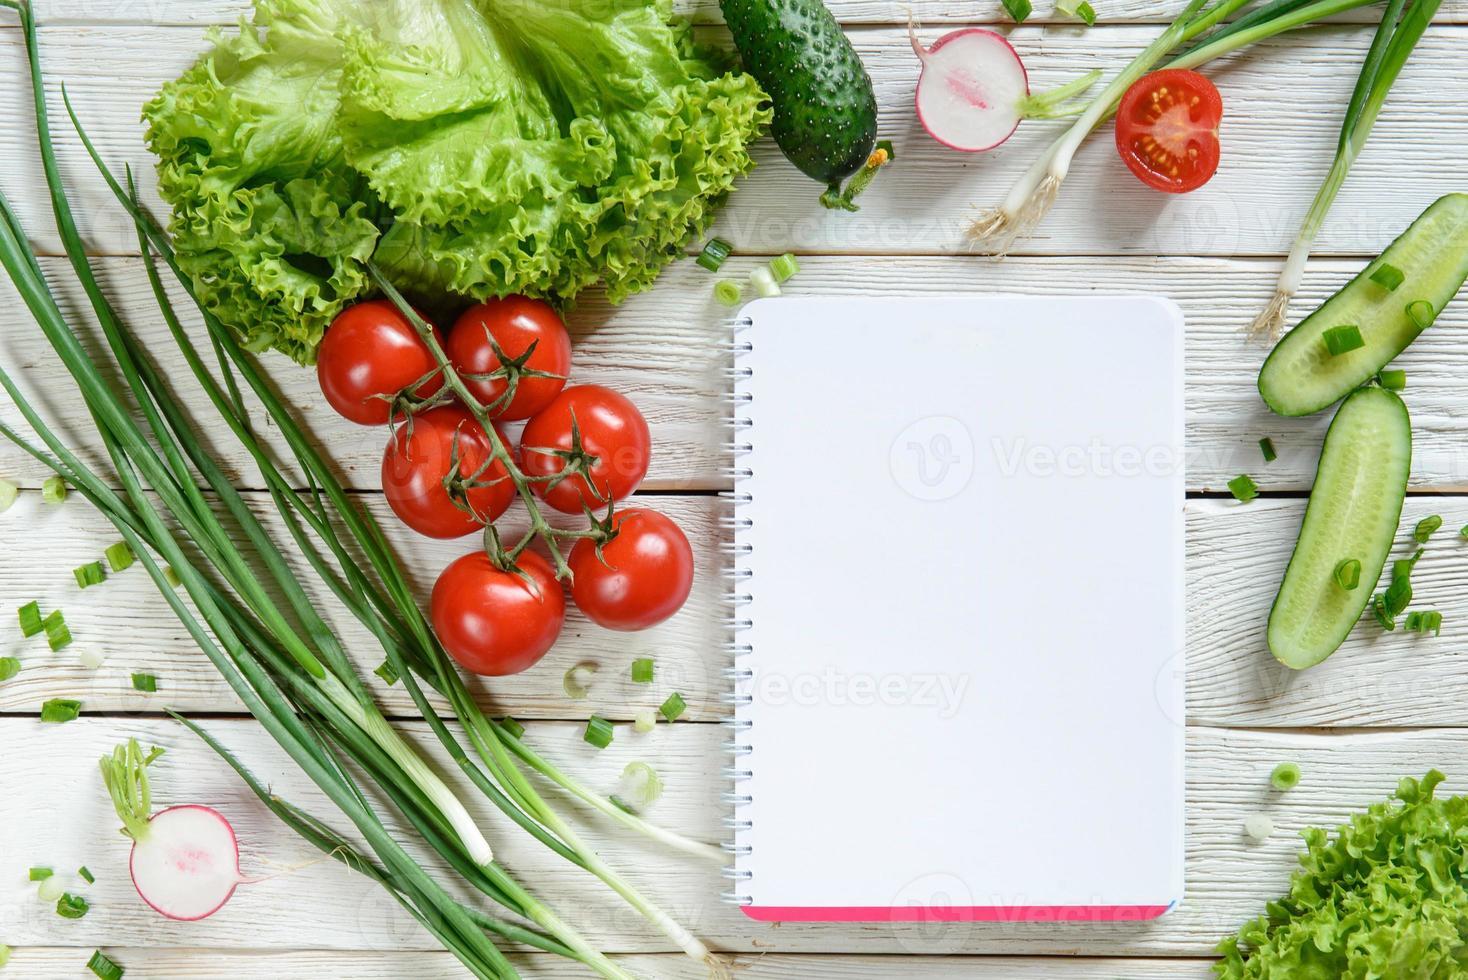 lista della spesa con insalata di verdure foto